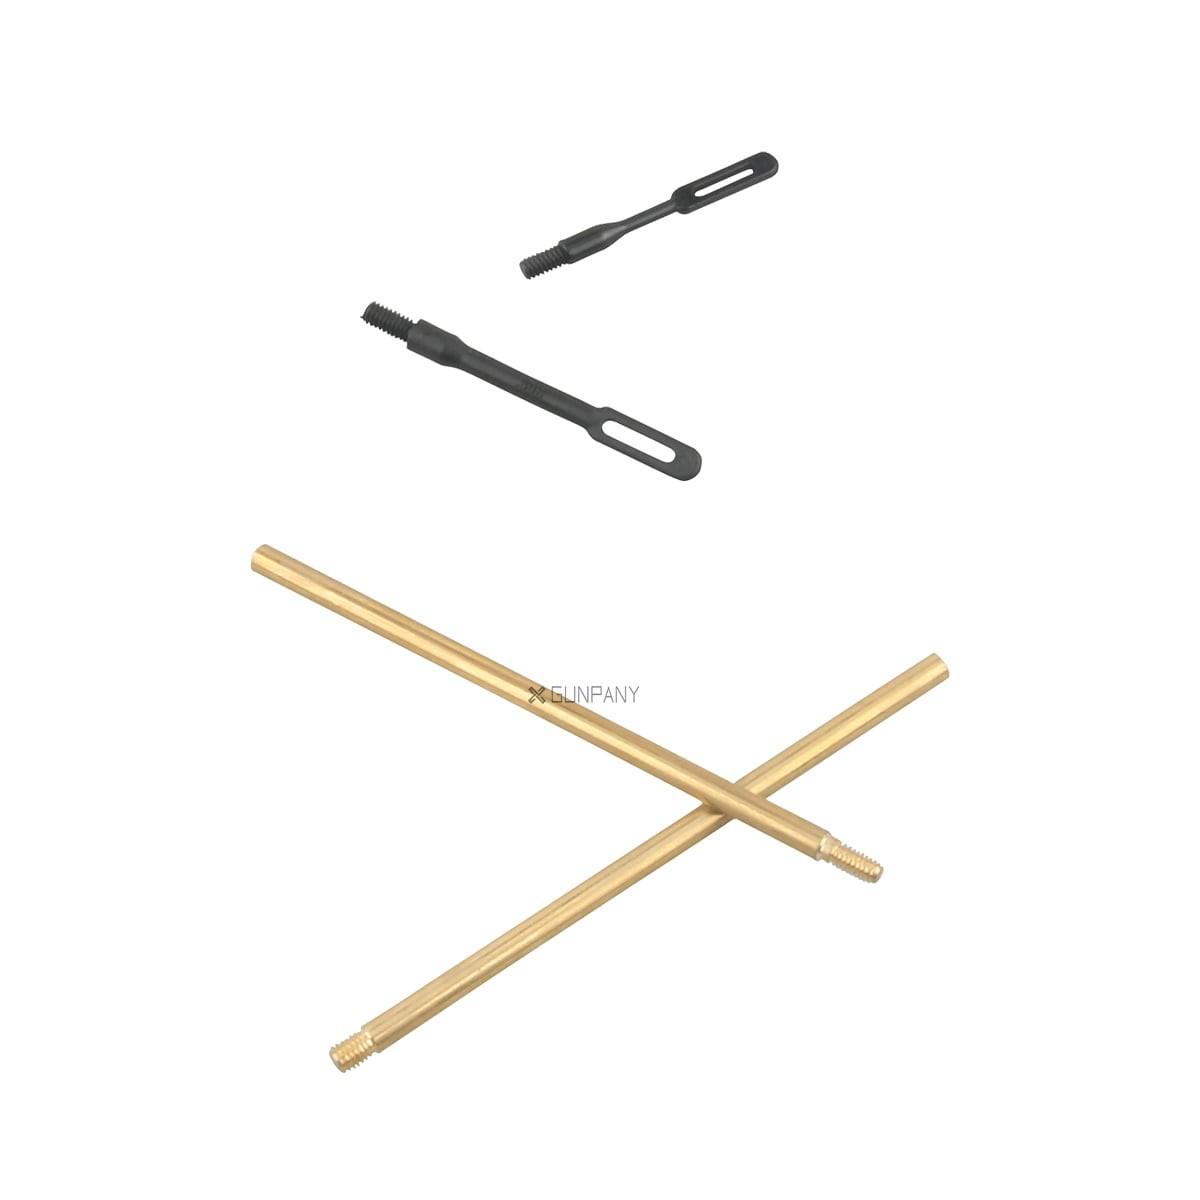 19 Pcs Gunsmithing Cleaning Kit